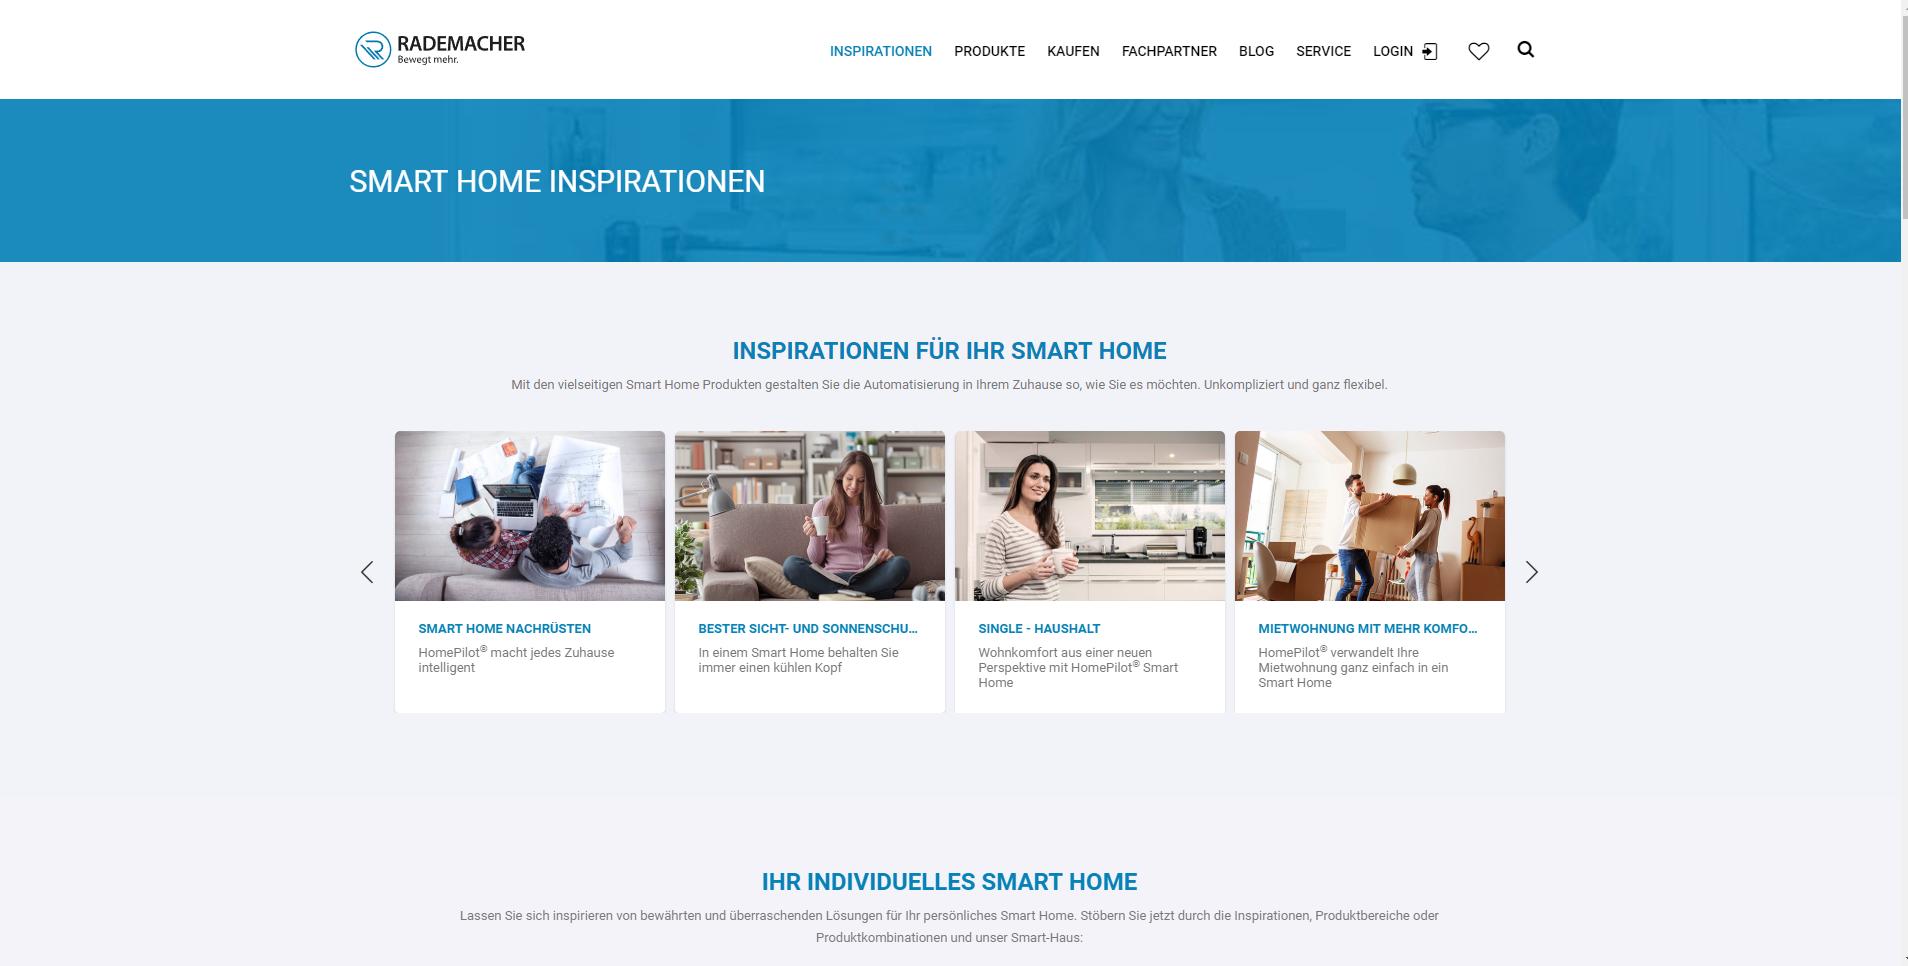 alternativen zu rademacher smart home die besten rademacher smart home alternativen 2019. Black Bedroom Furniture Sets. Home Design Ideas